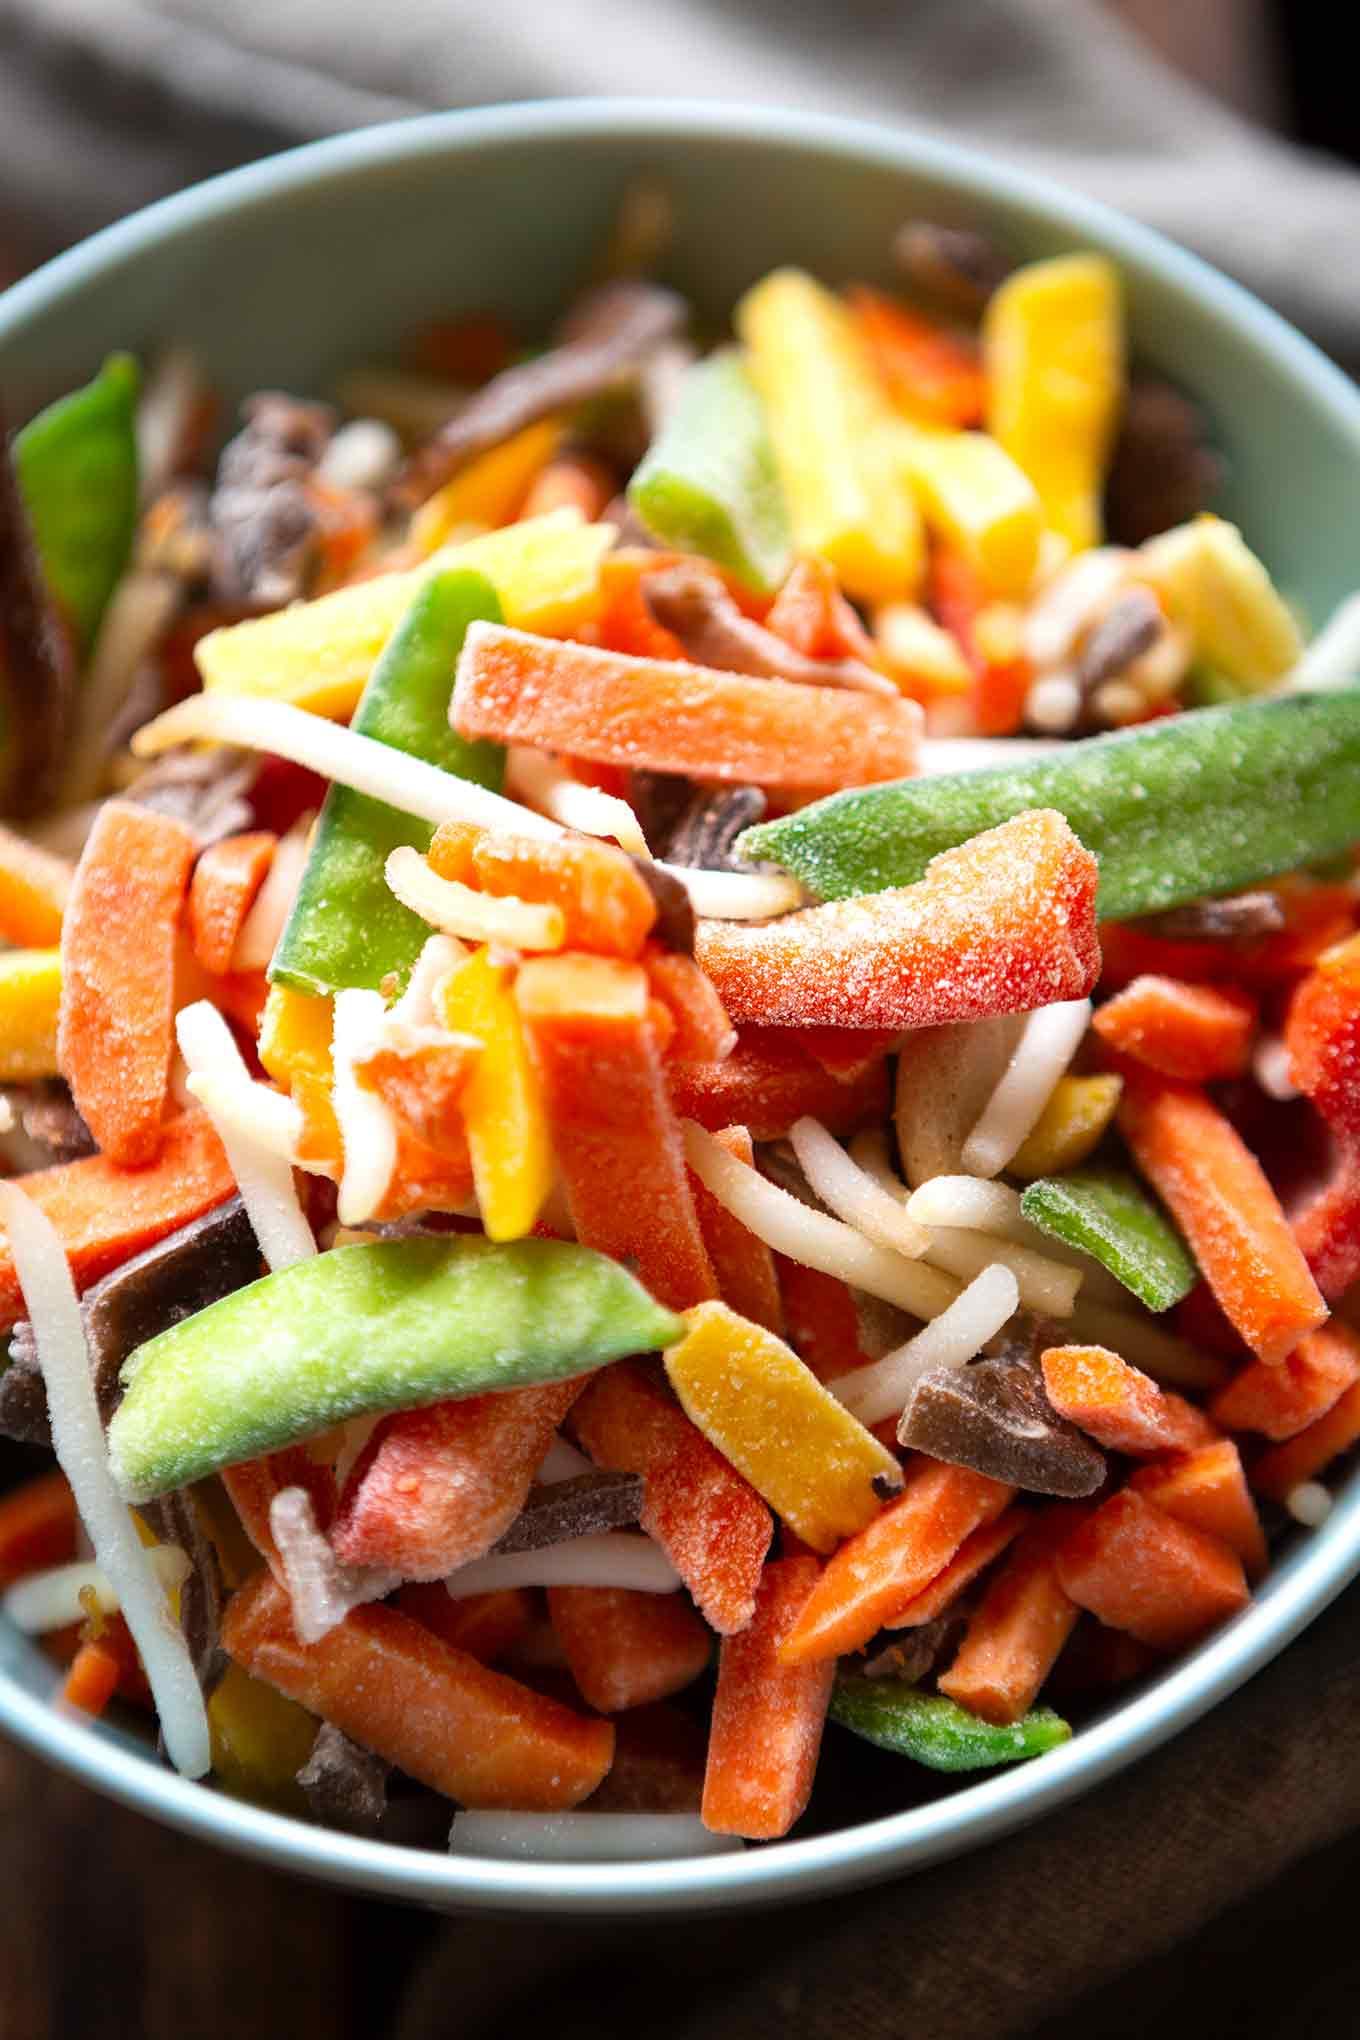 Schnelle Asia-Nudelpfanne mit Gemüse. Dieses einfache Rezept ist super für Meal Prep geeignet und besteht nur aus fünf Zutaten. - Kochkarussell Foodblog #mealprep #asiarezept #feierabendküche #kochkarussell